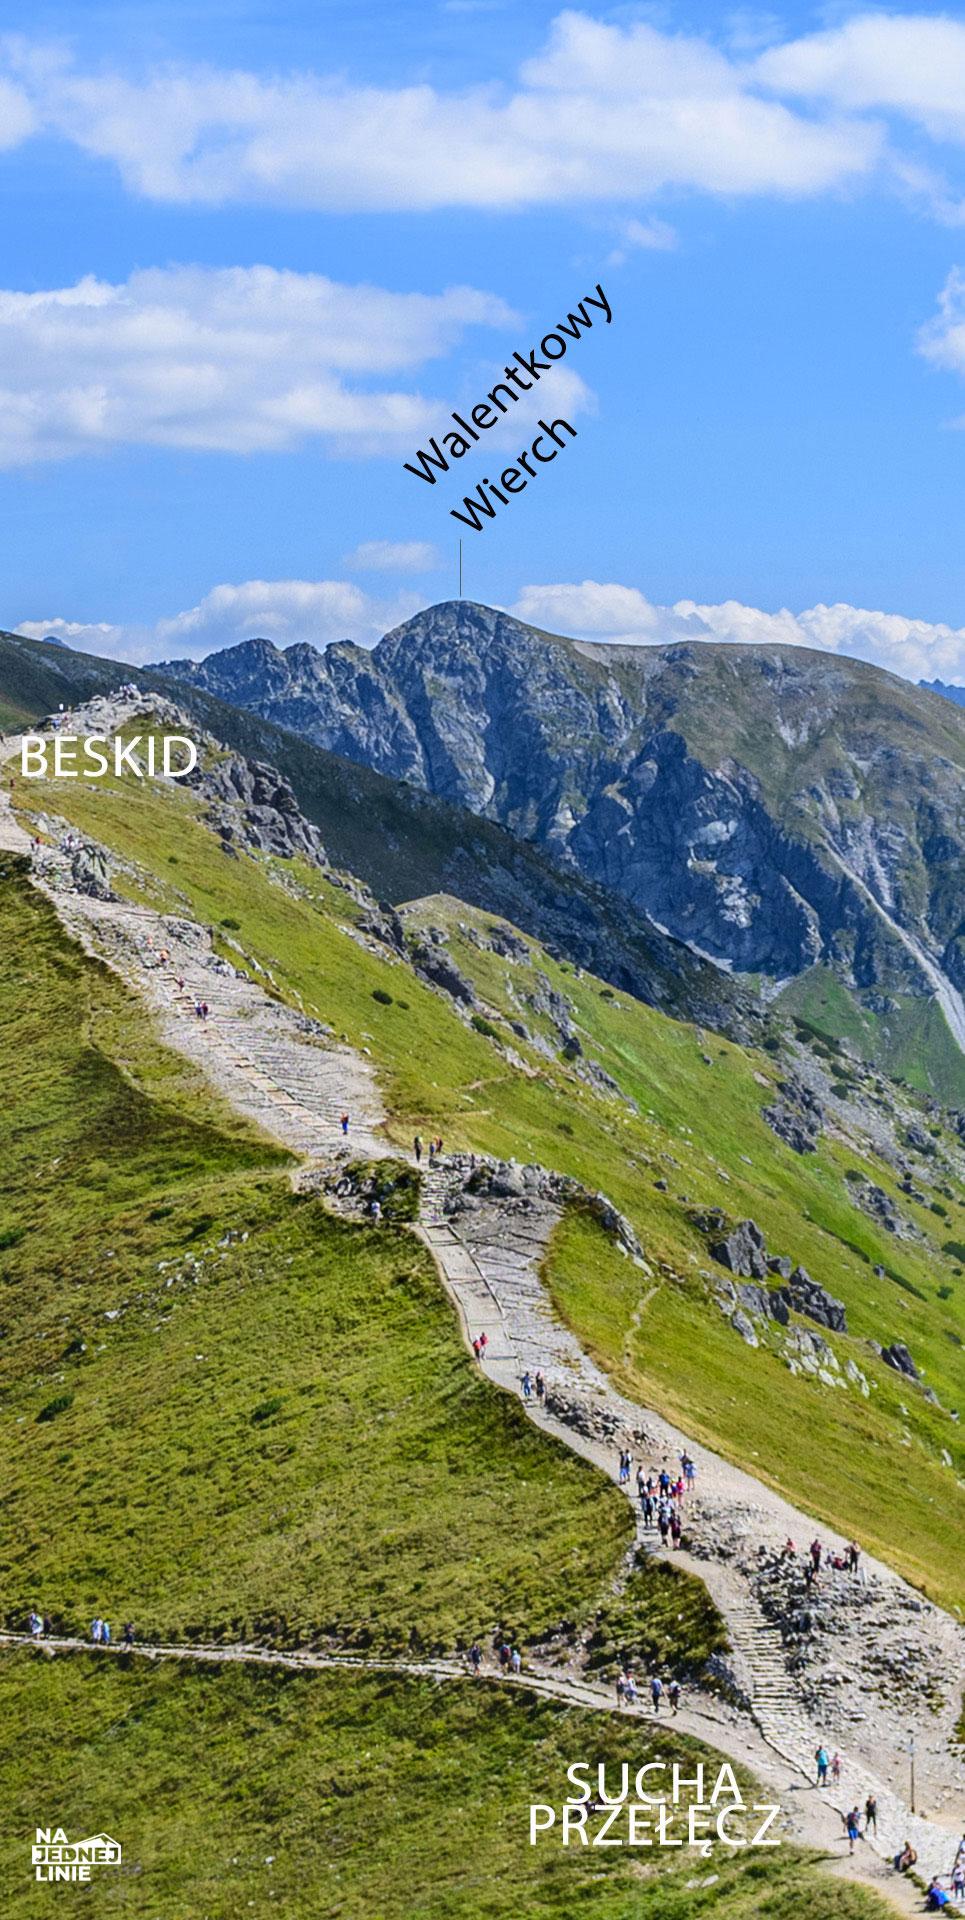 Panorama z Kasprowego Wierchu. Widok na Suchą Przełęcz